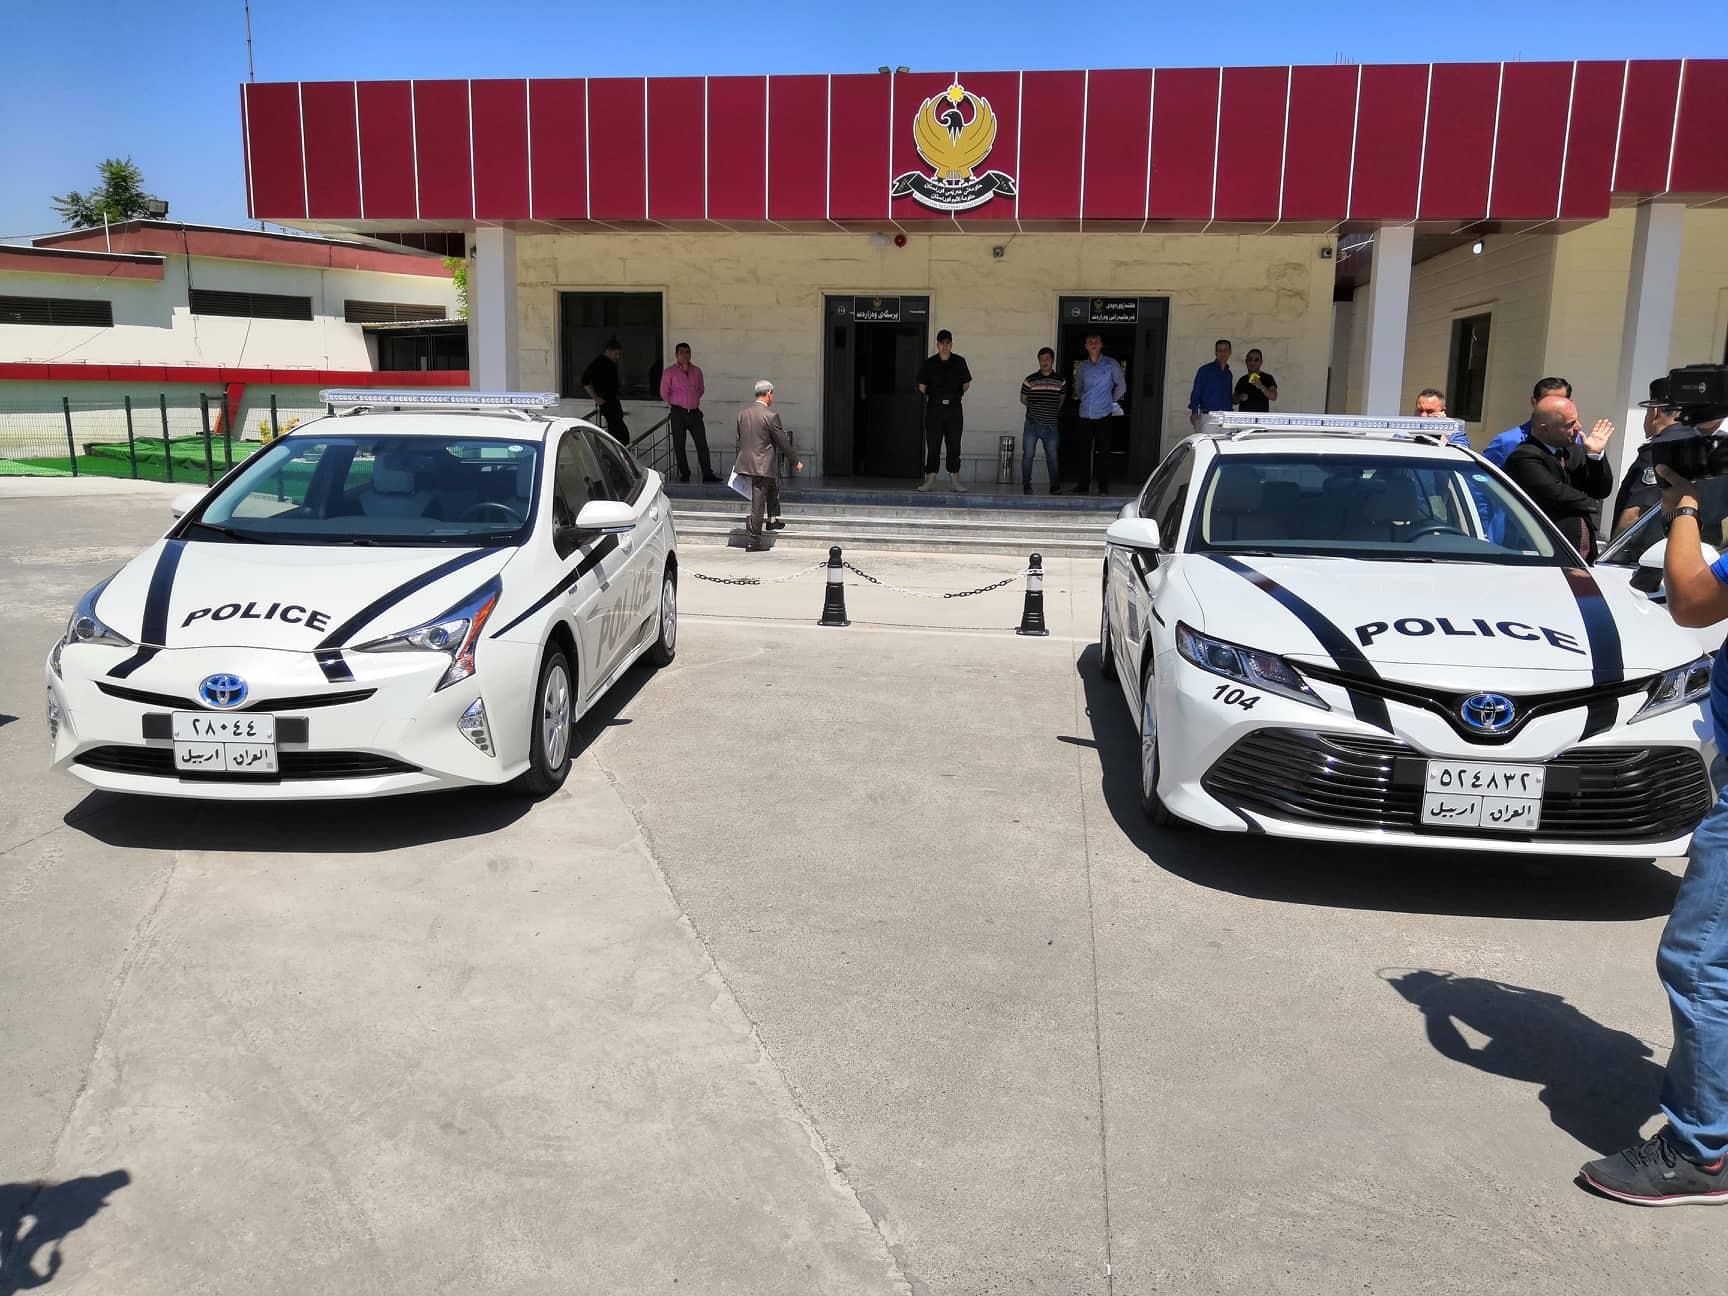 داخلية كوردستان تصدر قرارا بحجز أية عجلة حكومية تُستخدم لأغراض شخصية